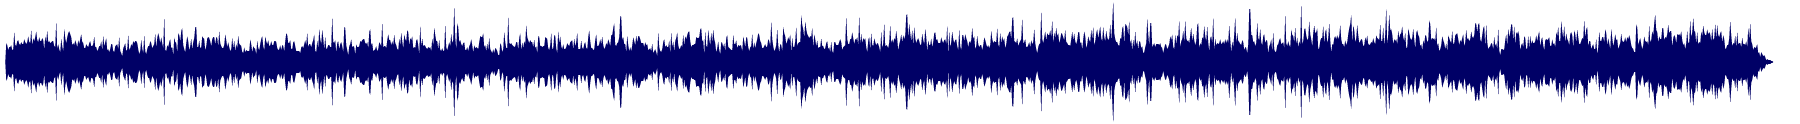 waveform of track #71802